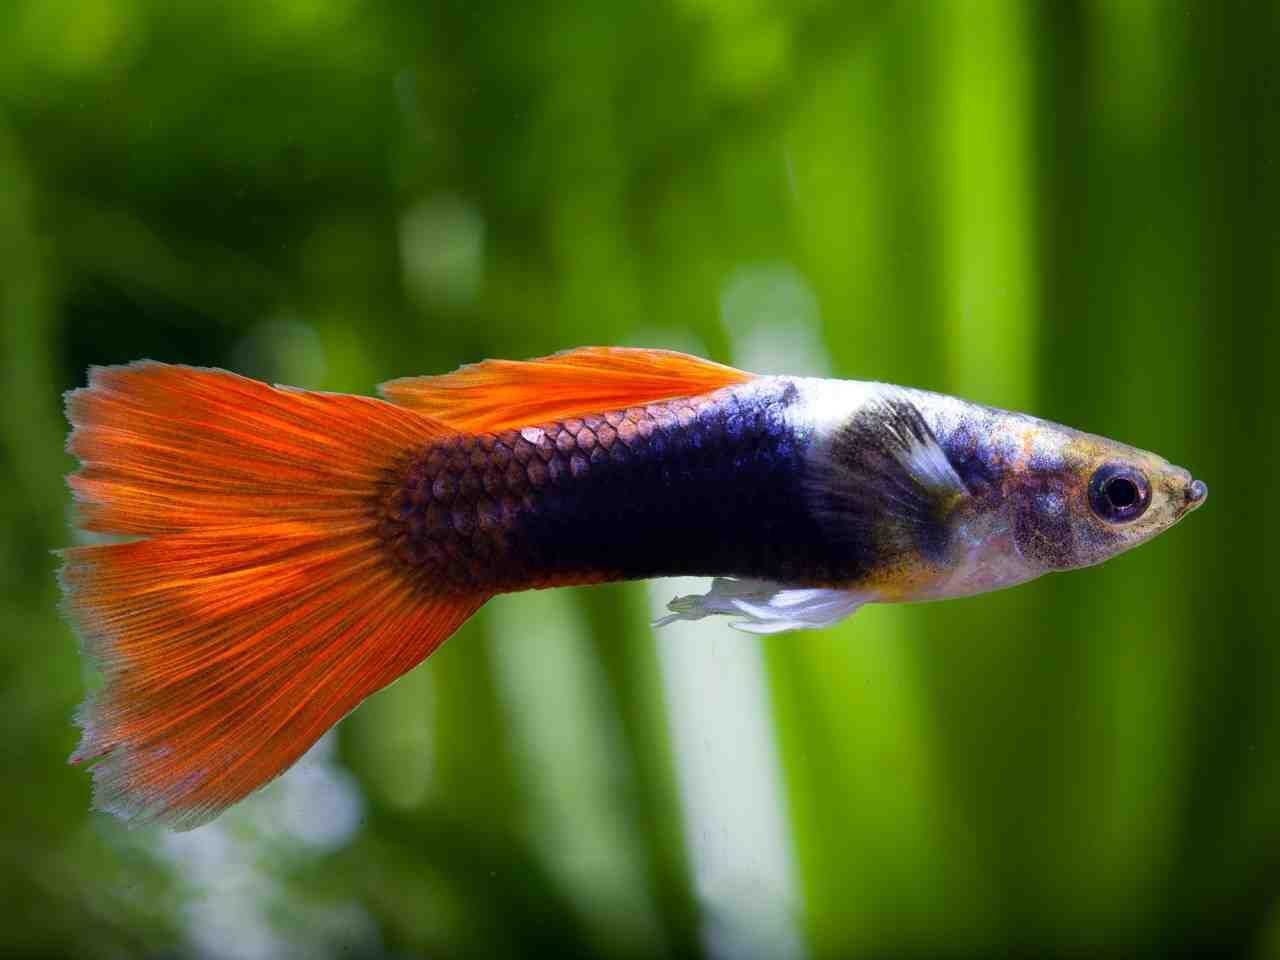 Quel poisson pour un petit aquarium 2l?